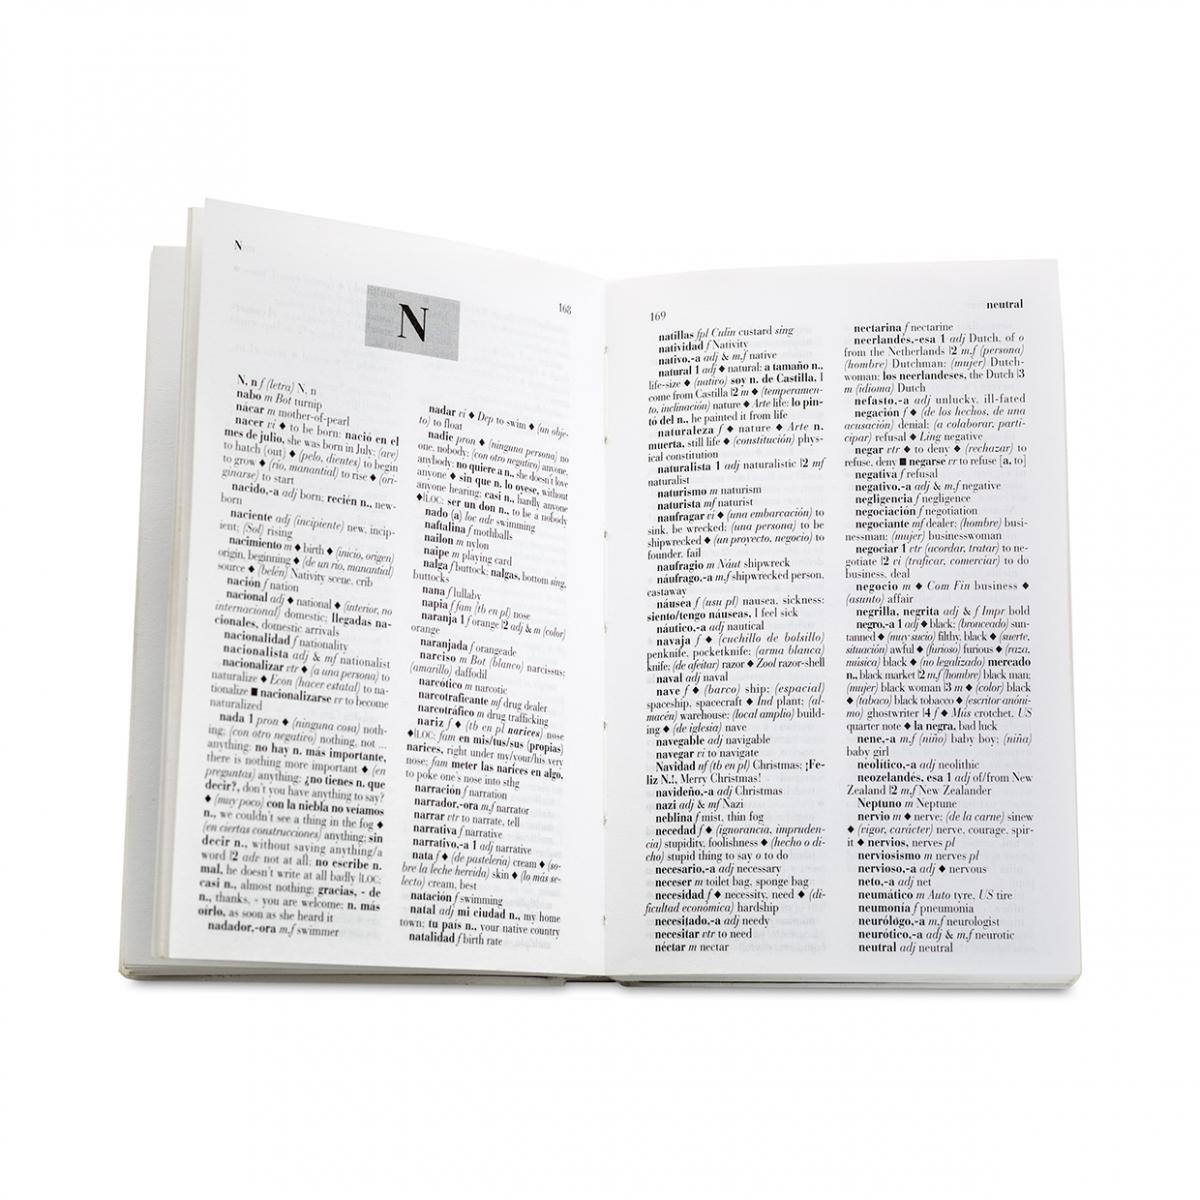 Imagen en la que se ve un diccionario